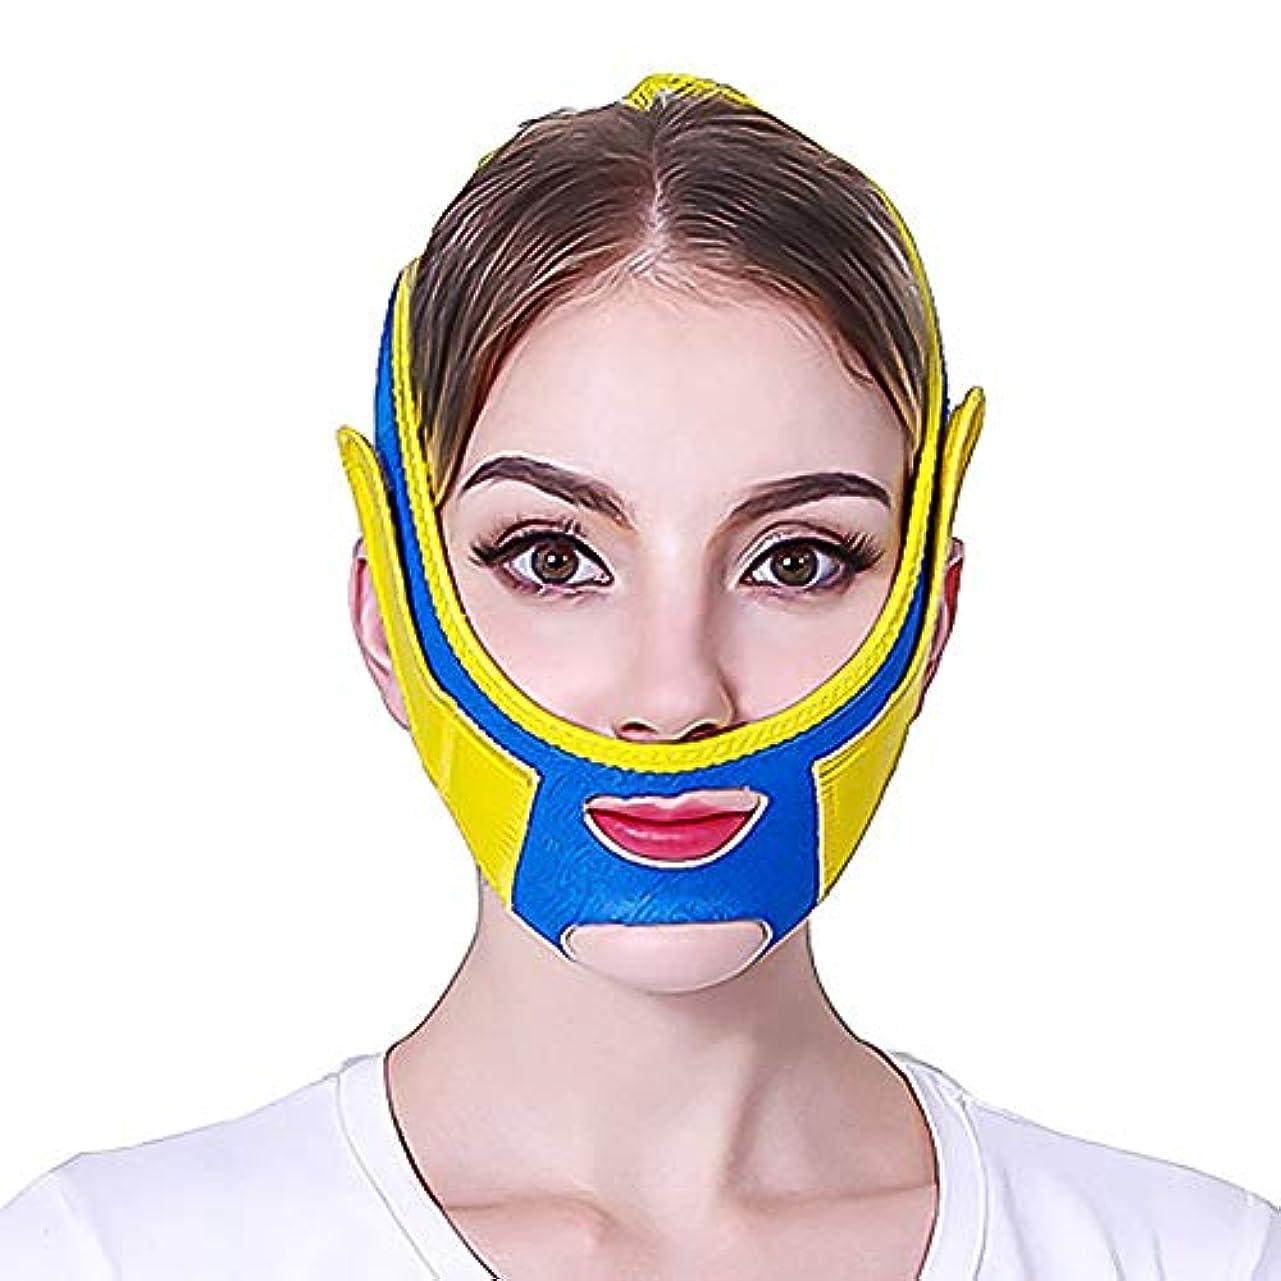 征服者指標バイアス女性用フェイススリミングマスク、Vラインリフトストラップ、フェイスリフトはフェイススキンバンデージを締めますダブルチンフェイシャルケアツールを削除しますフェイススリミングマスクスリミングフェイスバンデージスムース